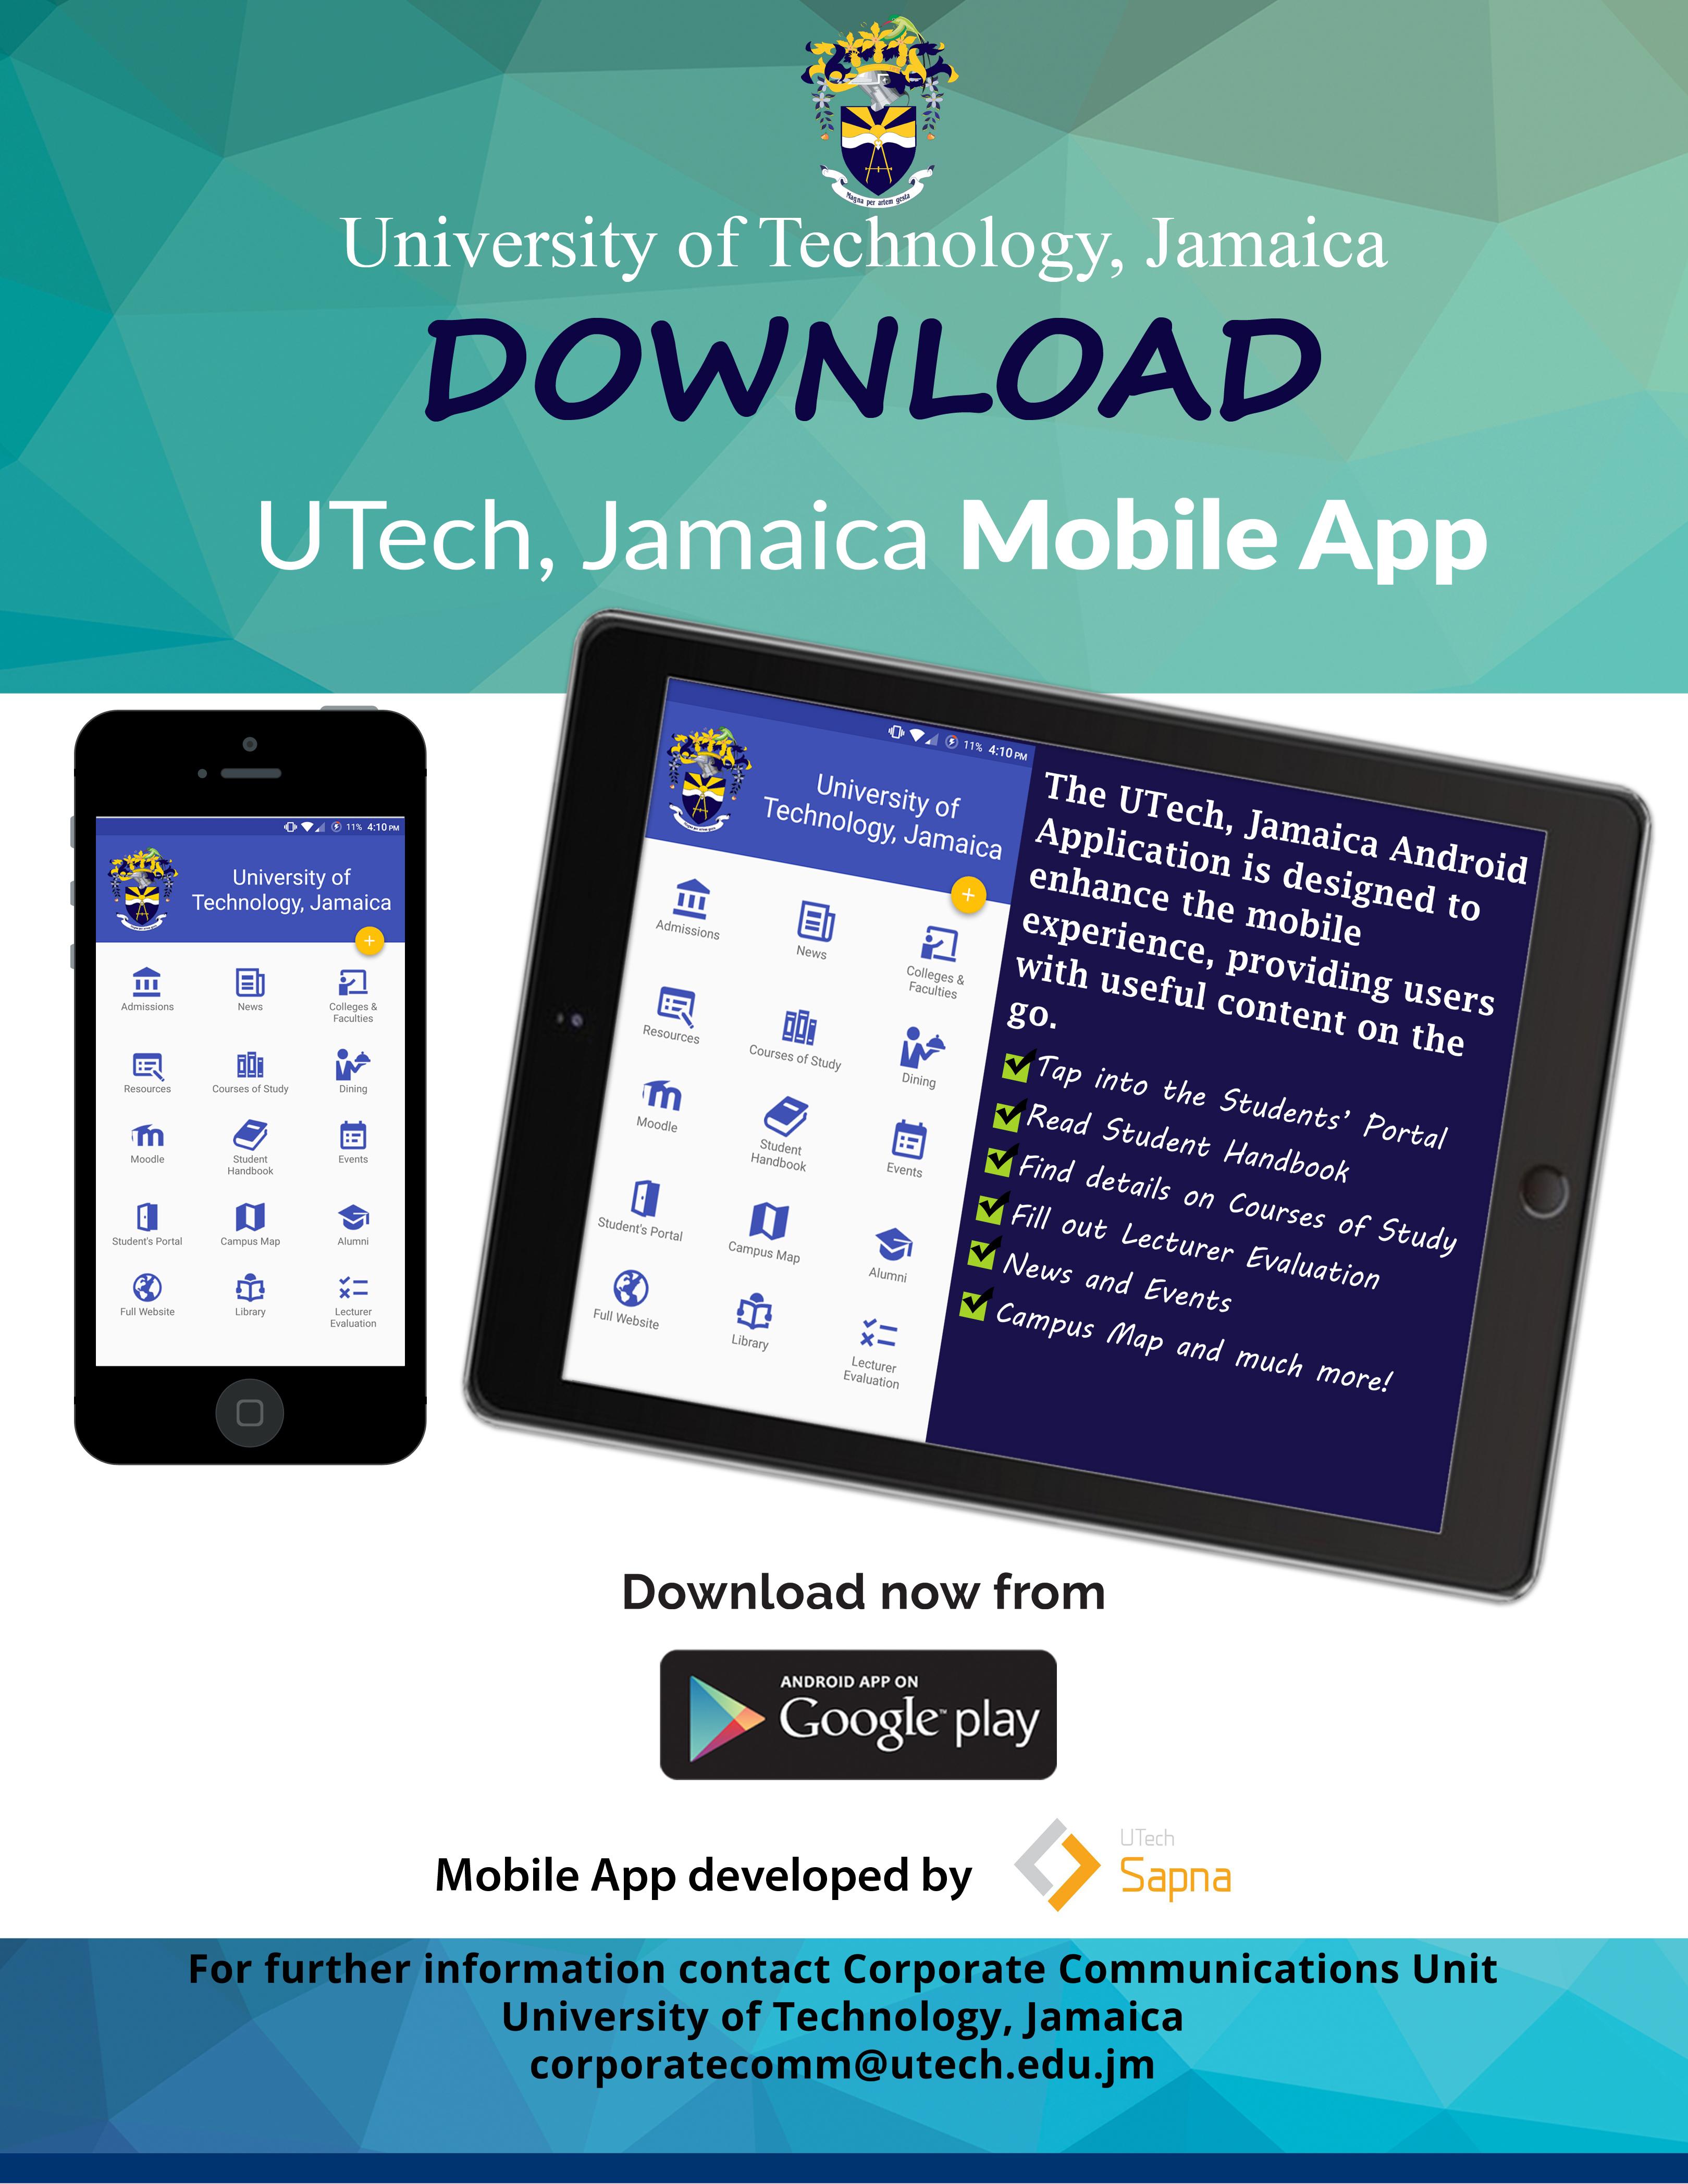 UTech, Jamaica Launches Mobile App